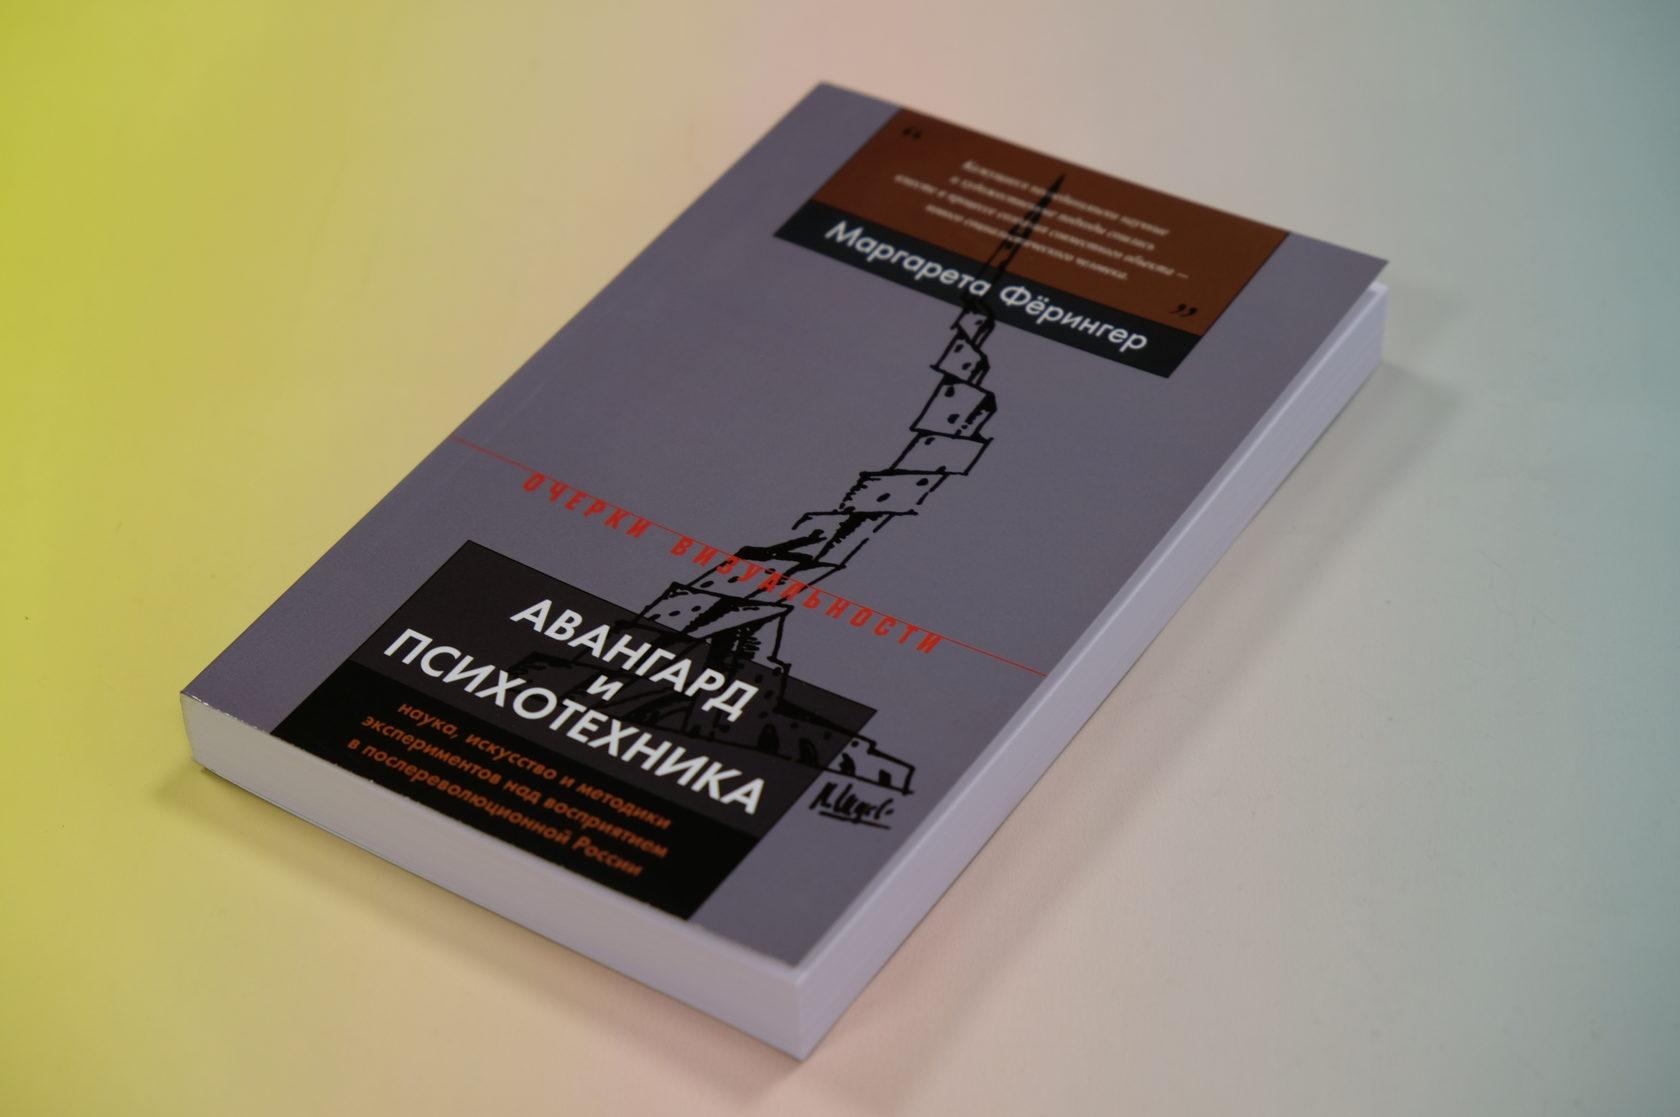 Купить книгу Маргарета Фёрингер «Авангард и психотехника. Наука, искусство и методики экспериментов над восприятием в послереволюционной России»